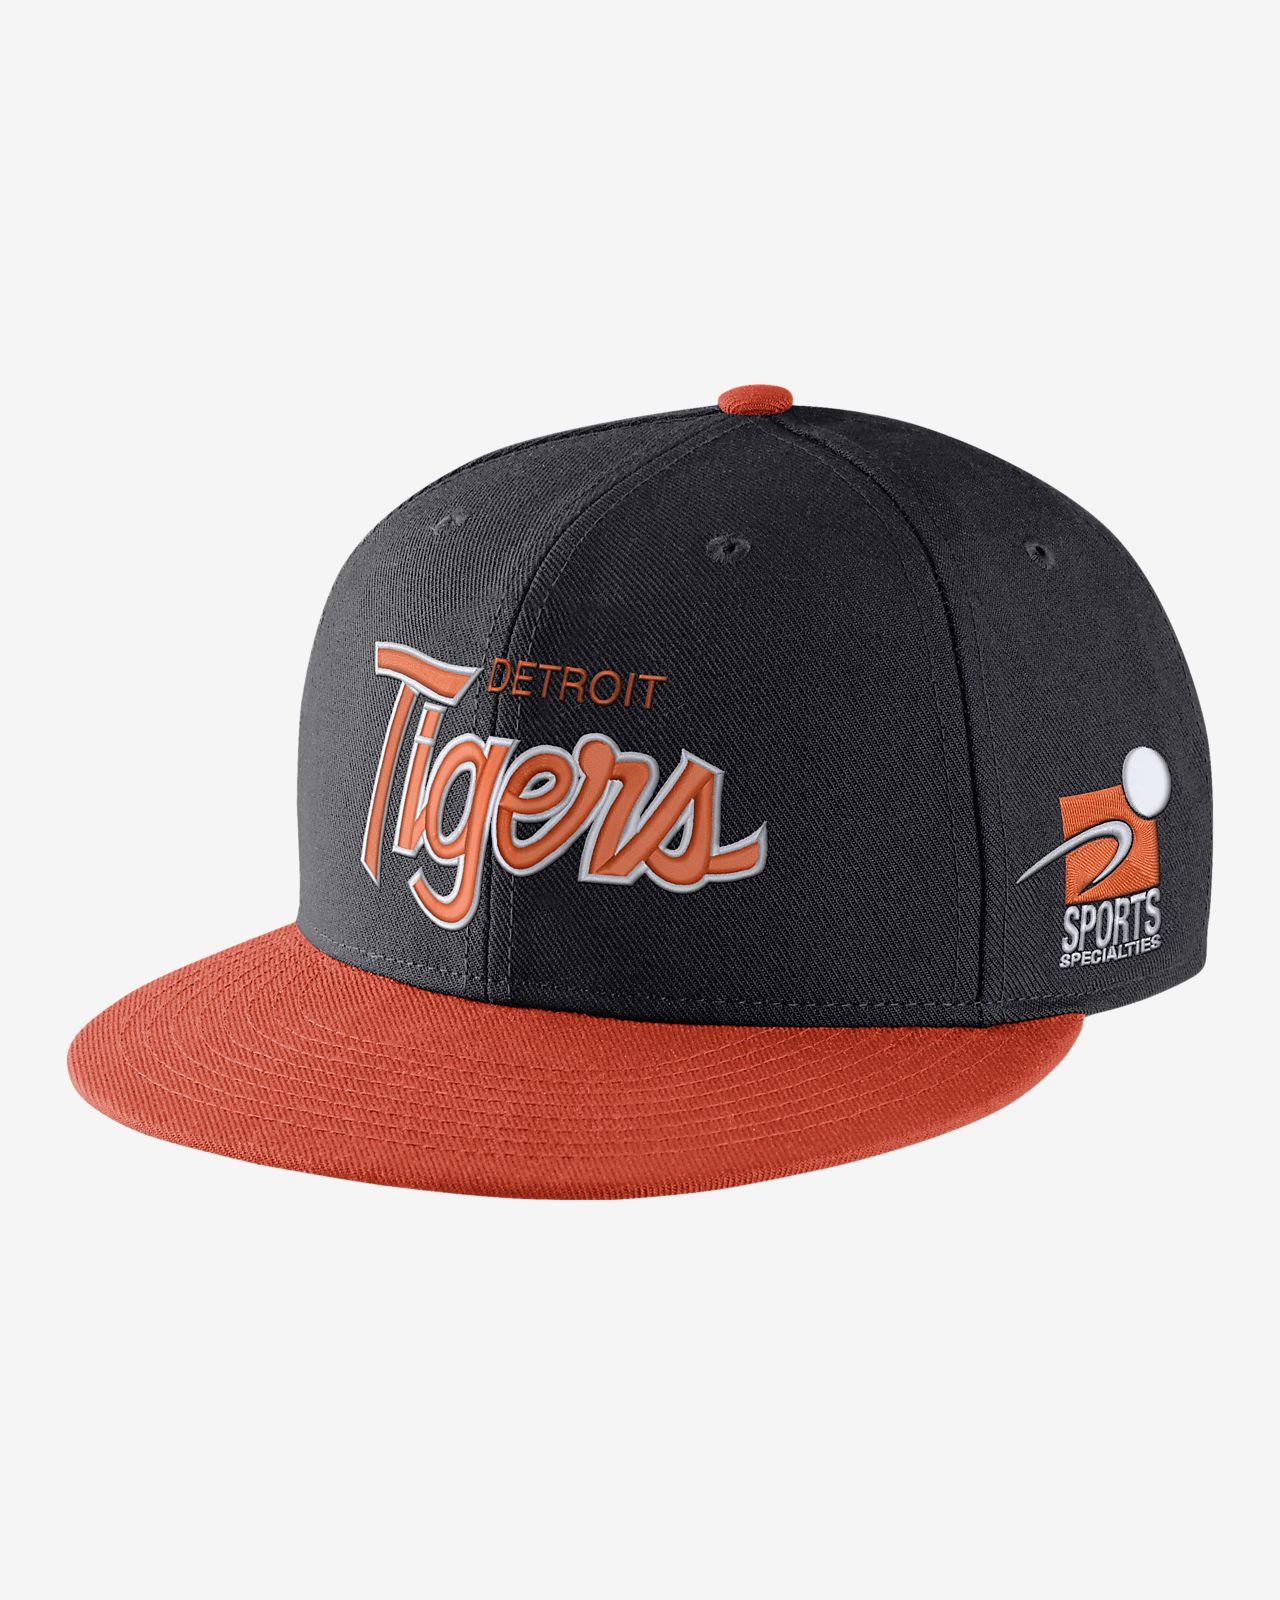 9a88c2b43c5 Nike Pro Sport Specialties (MLB Tigers) Adjustable Hat. Nike.com